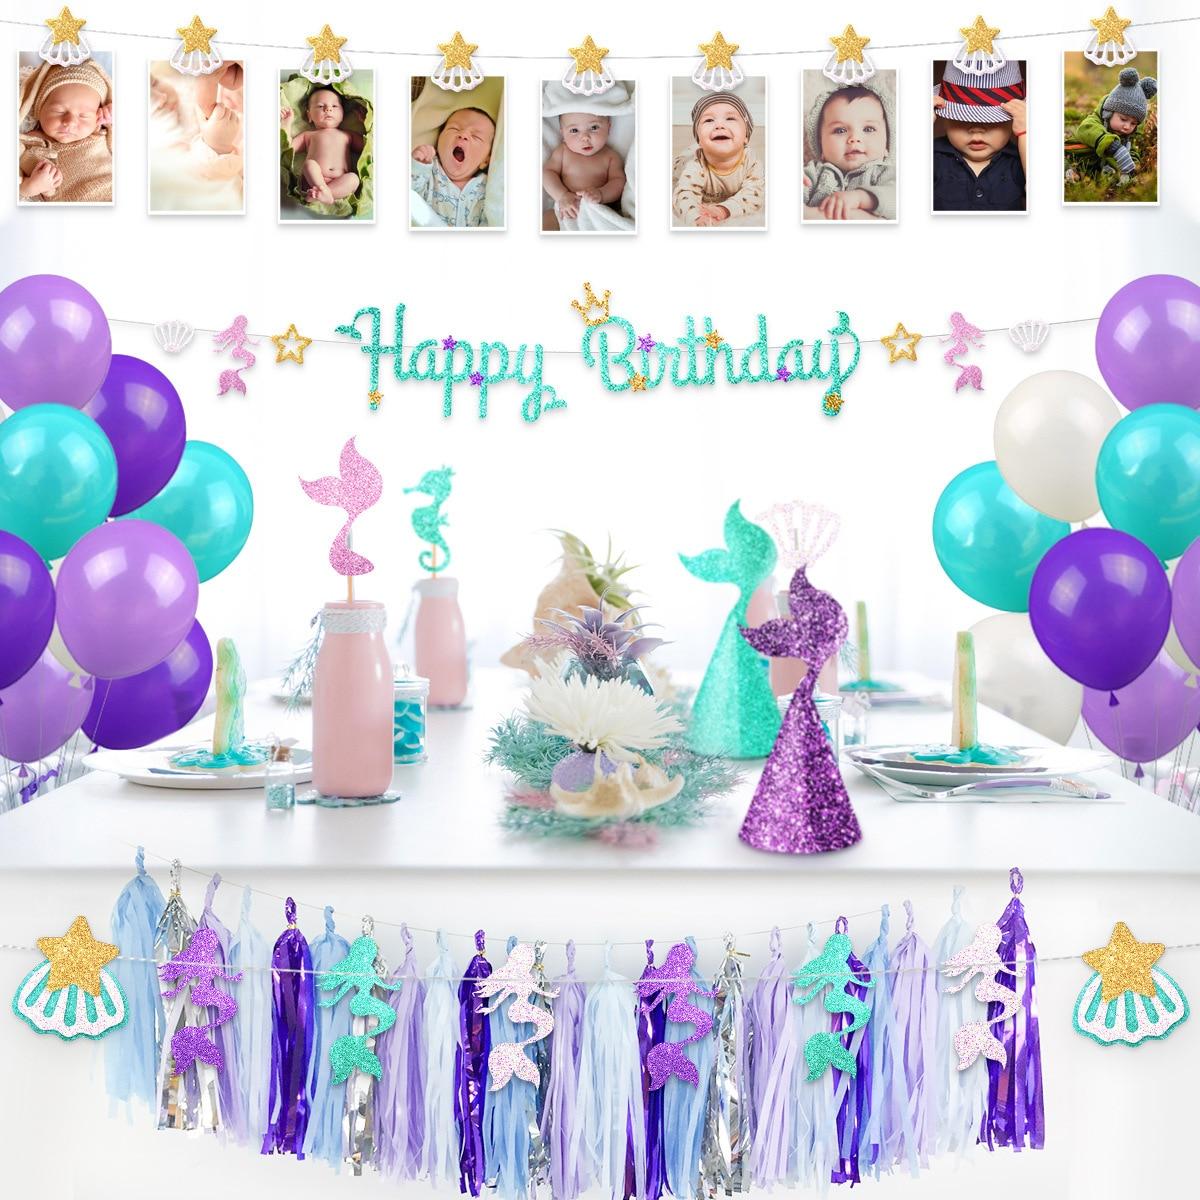 Nouveau best-seller thème sirène enfants décorations de fête d'anniversaire ensemble gland gâteau drapeau sirène fête fournitures fête d'anniversaire